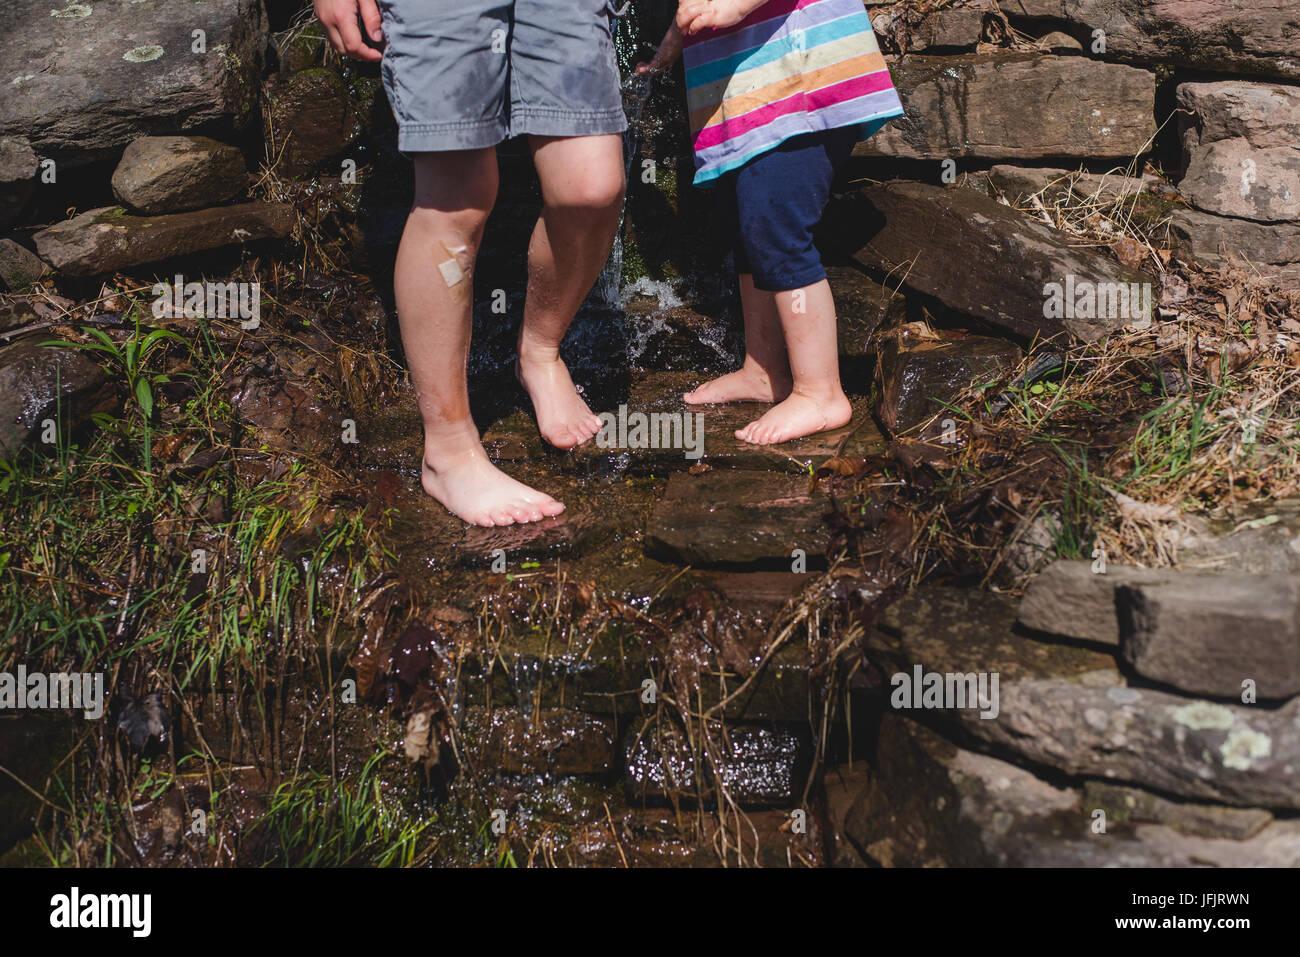 Los niños juegan descalzos en una zona rural Foto de stock